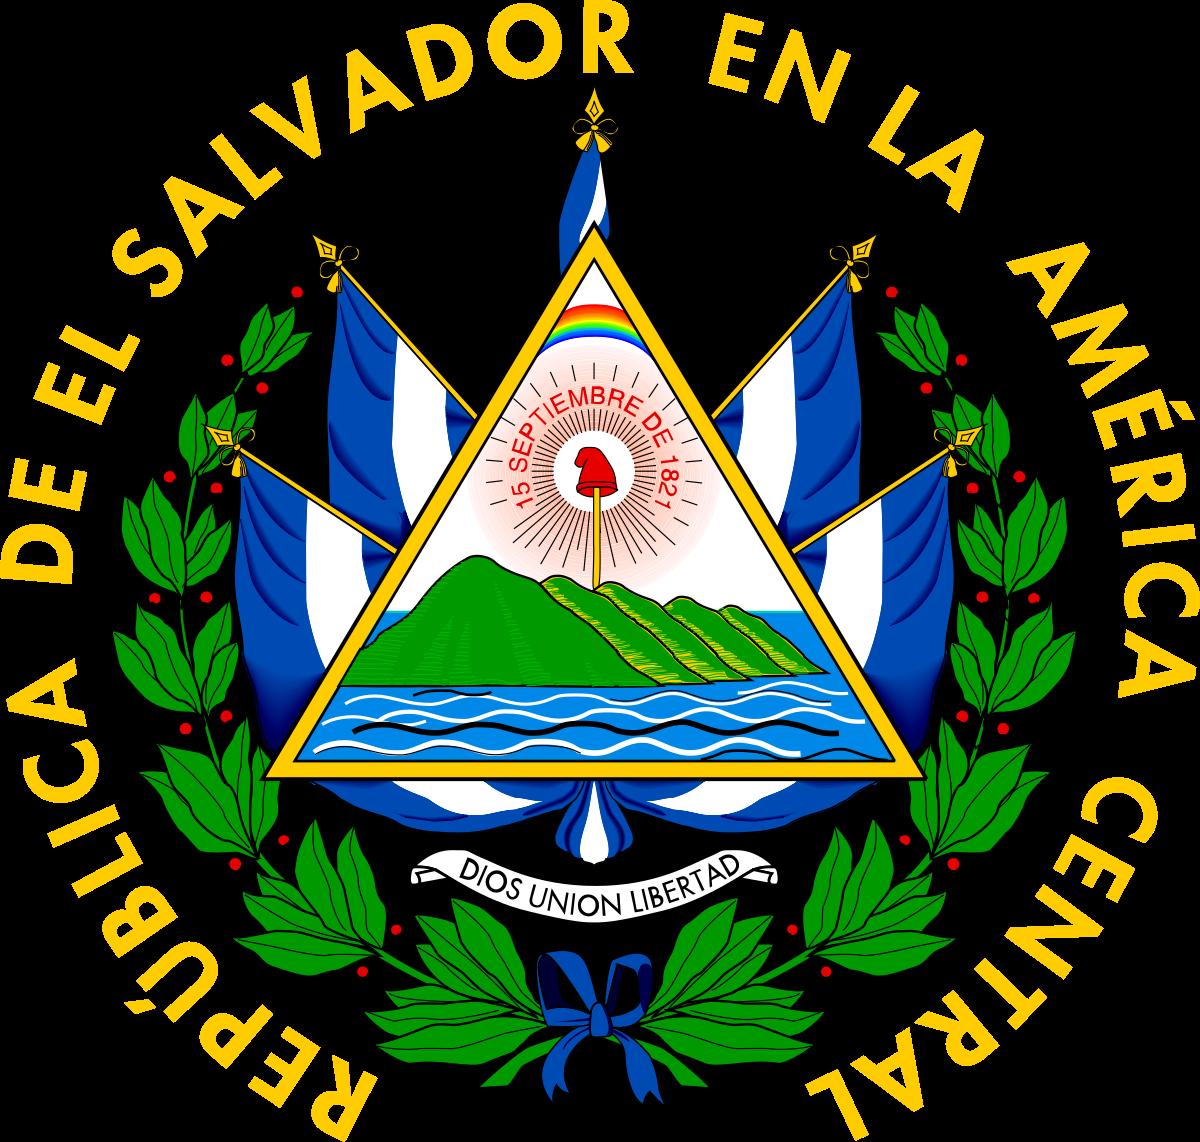 Departments of El Salvador.